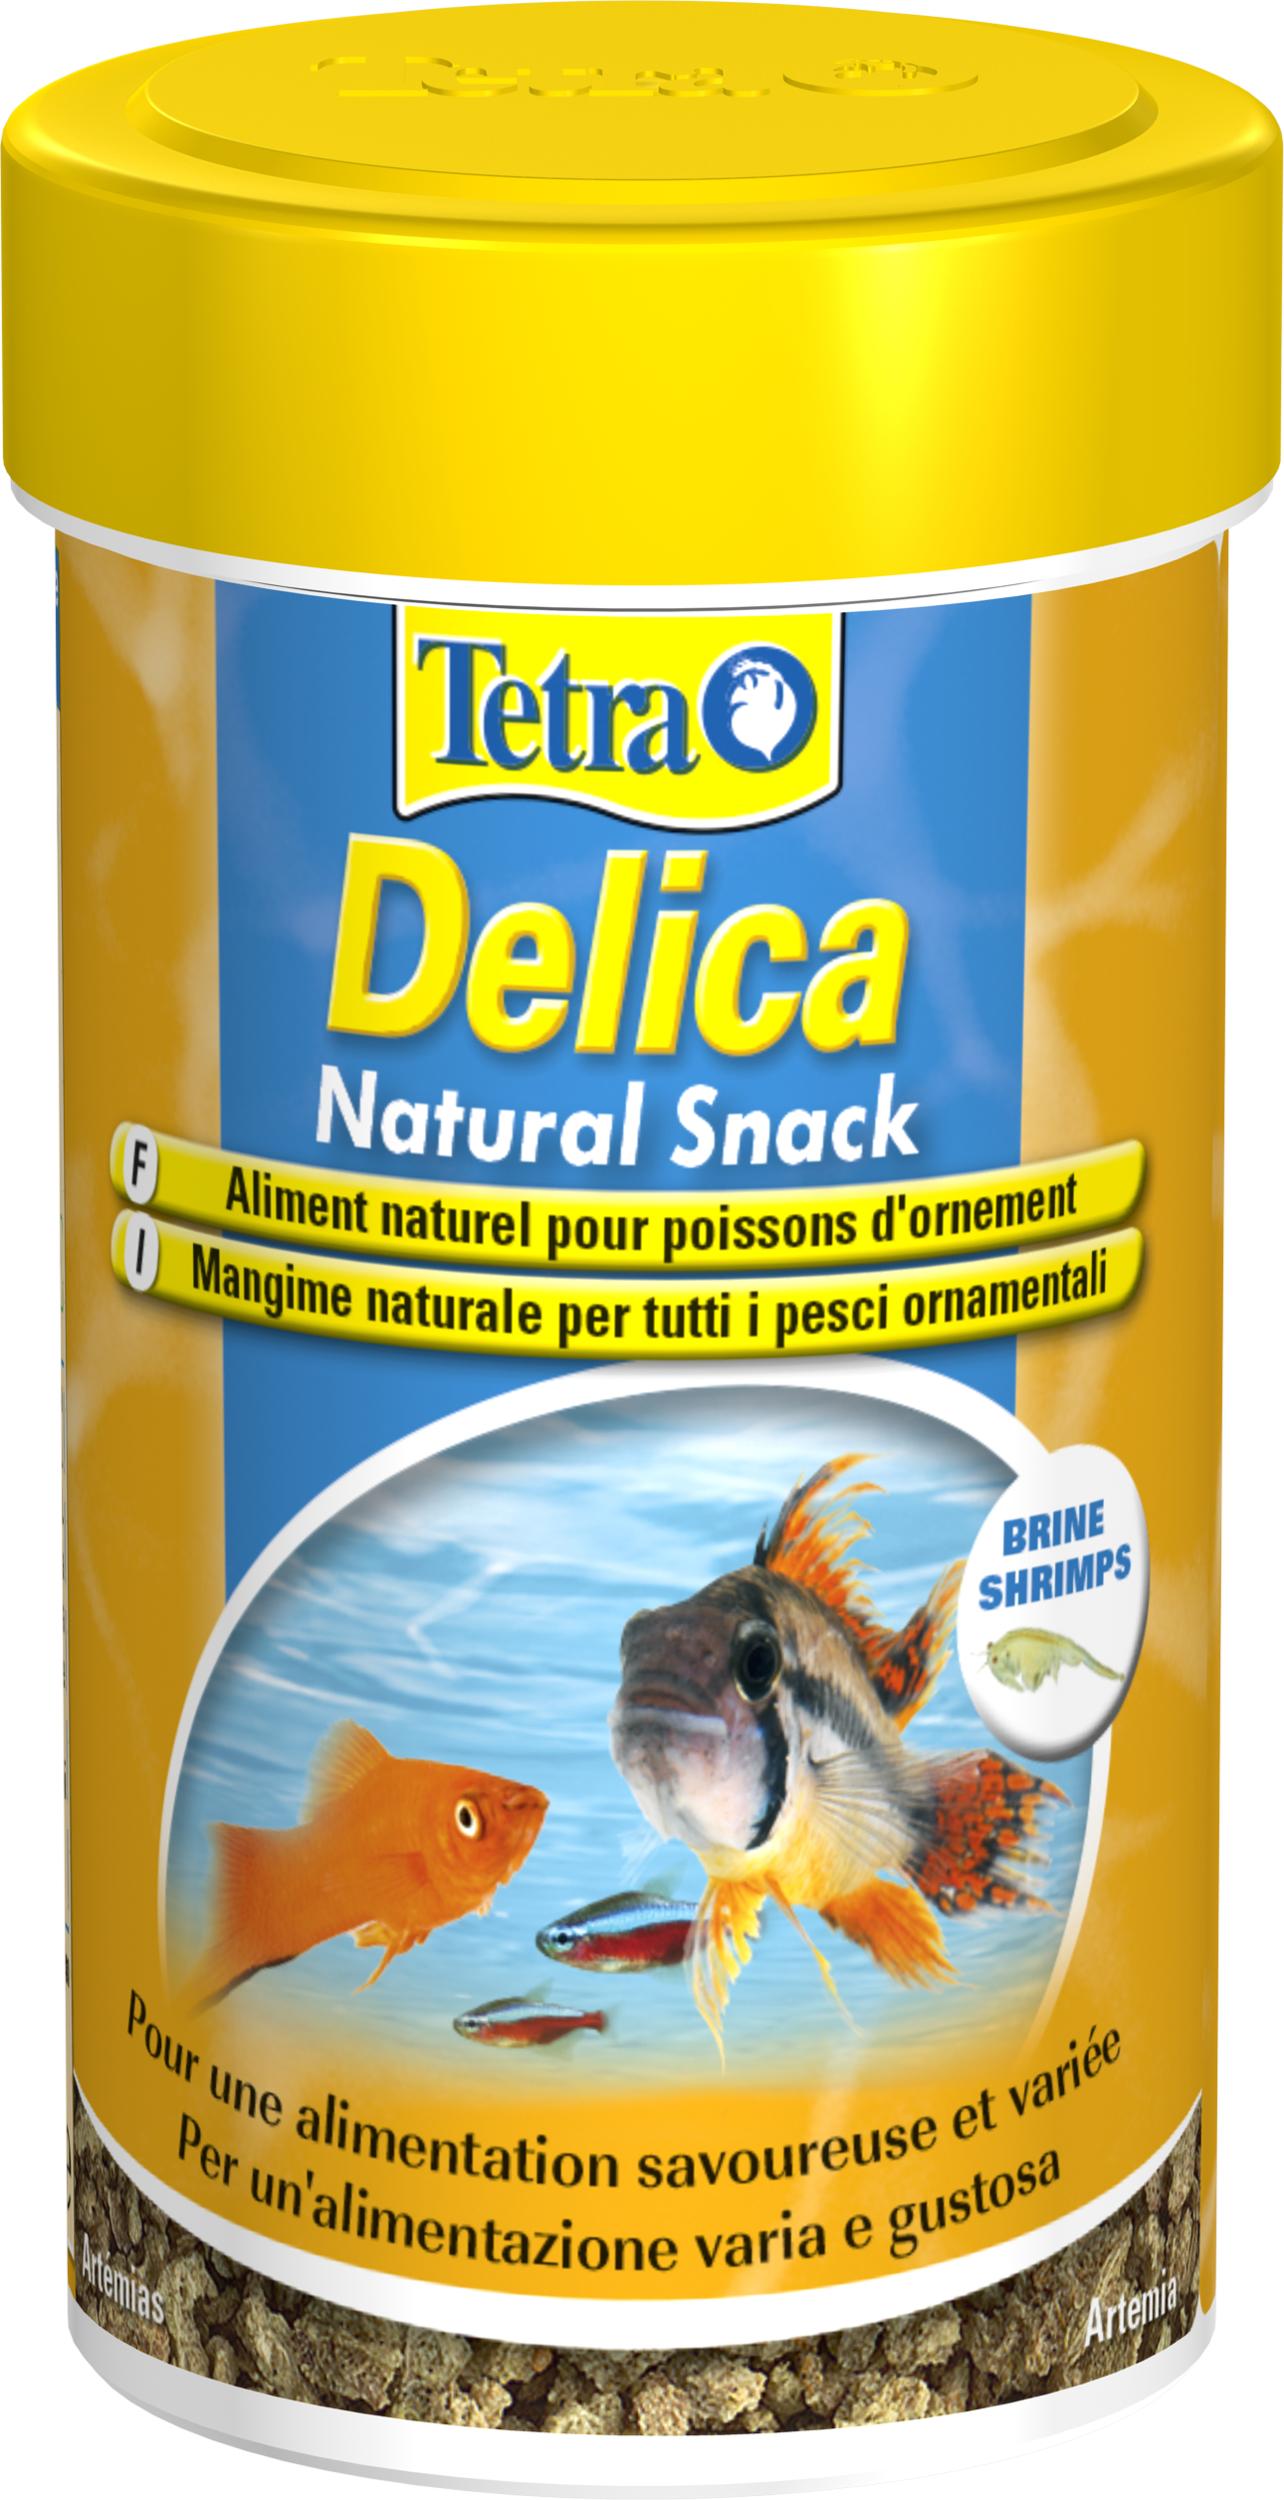 TETRA Delica Natural Snack Artemias 100 ml est une délicieuse friandise contenant 100% d\'artemias lyophilisées